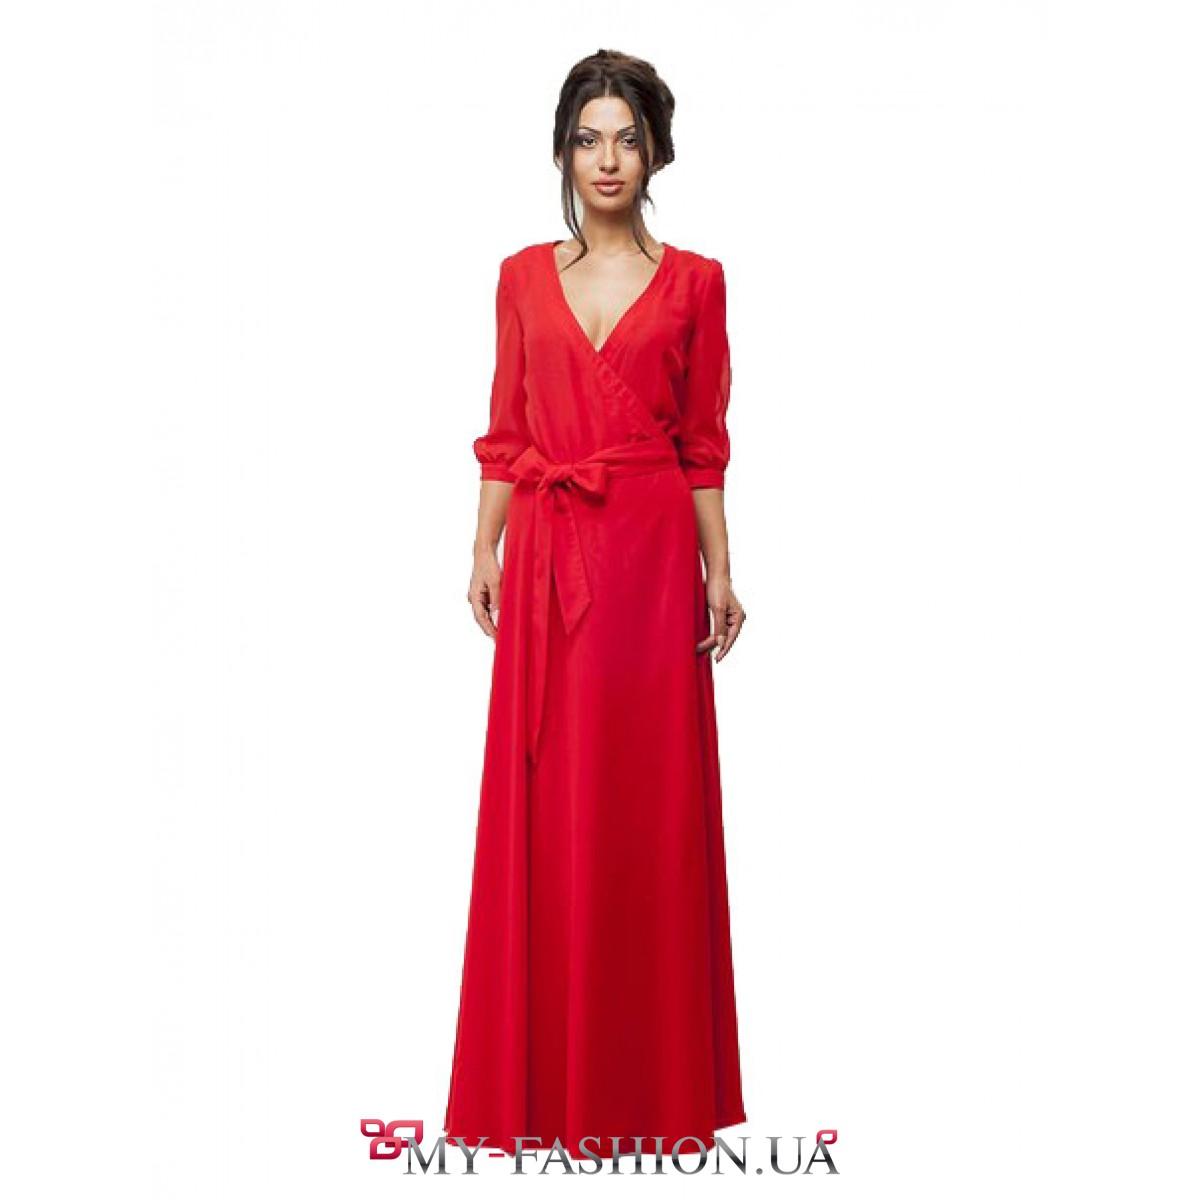 Шикарное Платье В Пол Купить